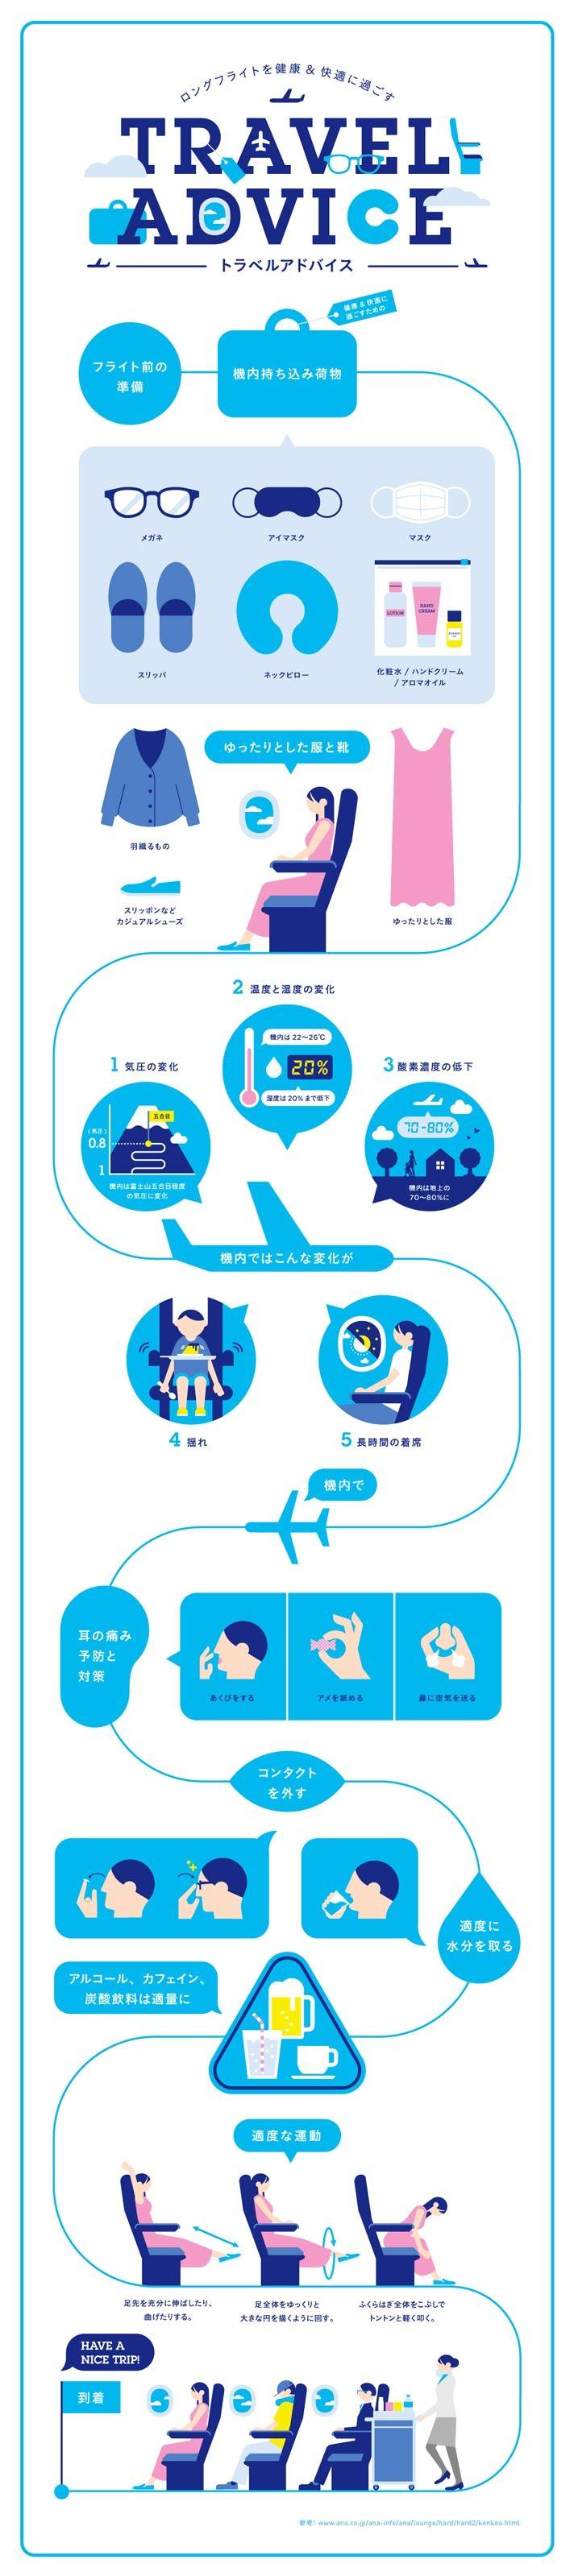 ロングフライトを健康&快適に過ごす トラベルアドバイス